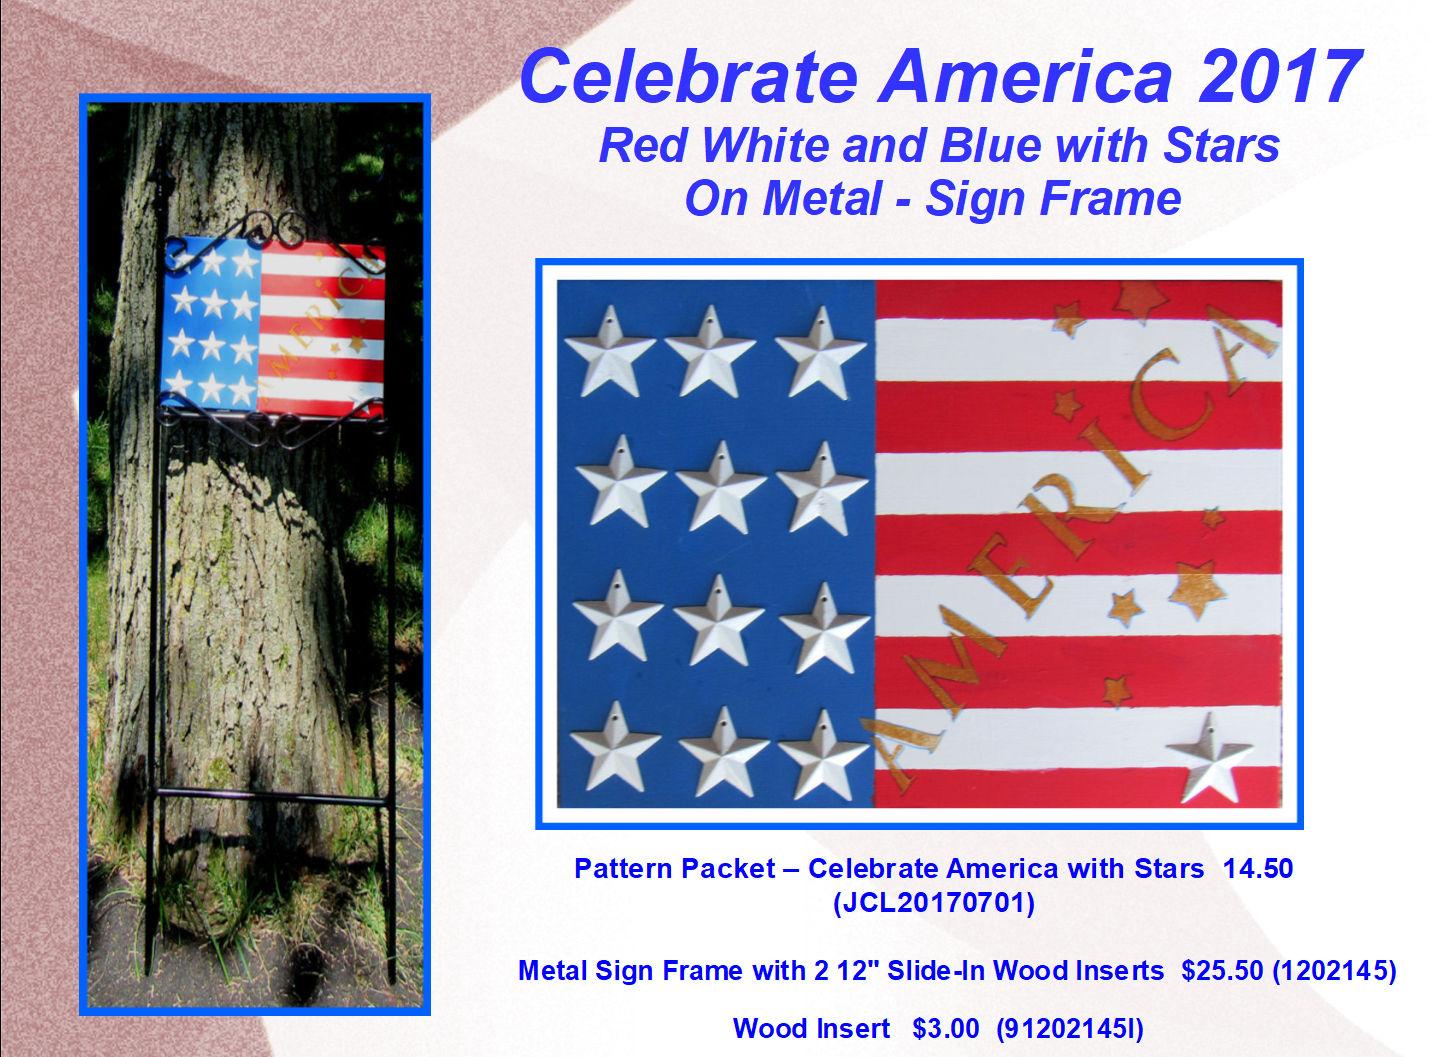 pp-celebrate-america-2017-jcl20170701.jpg